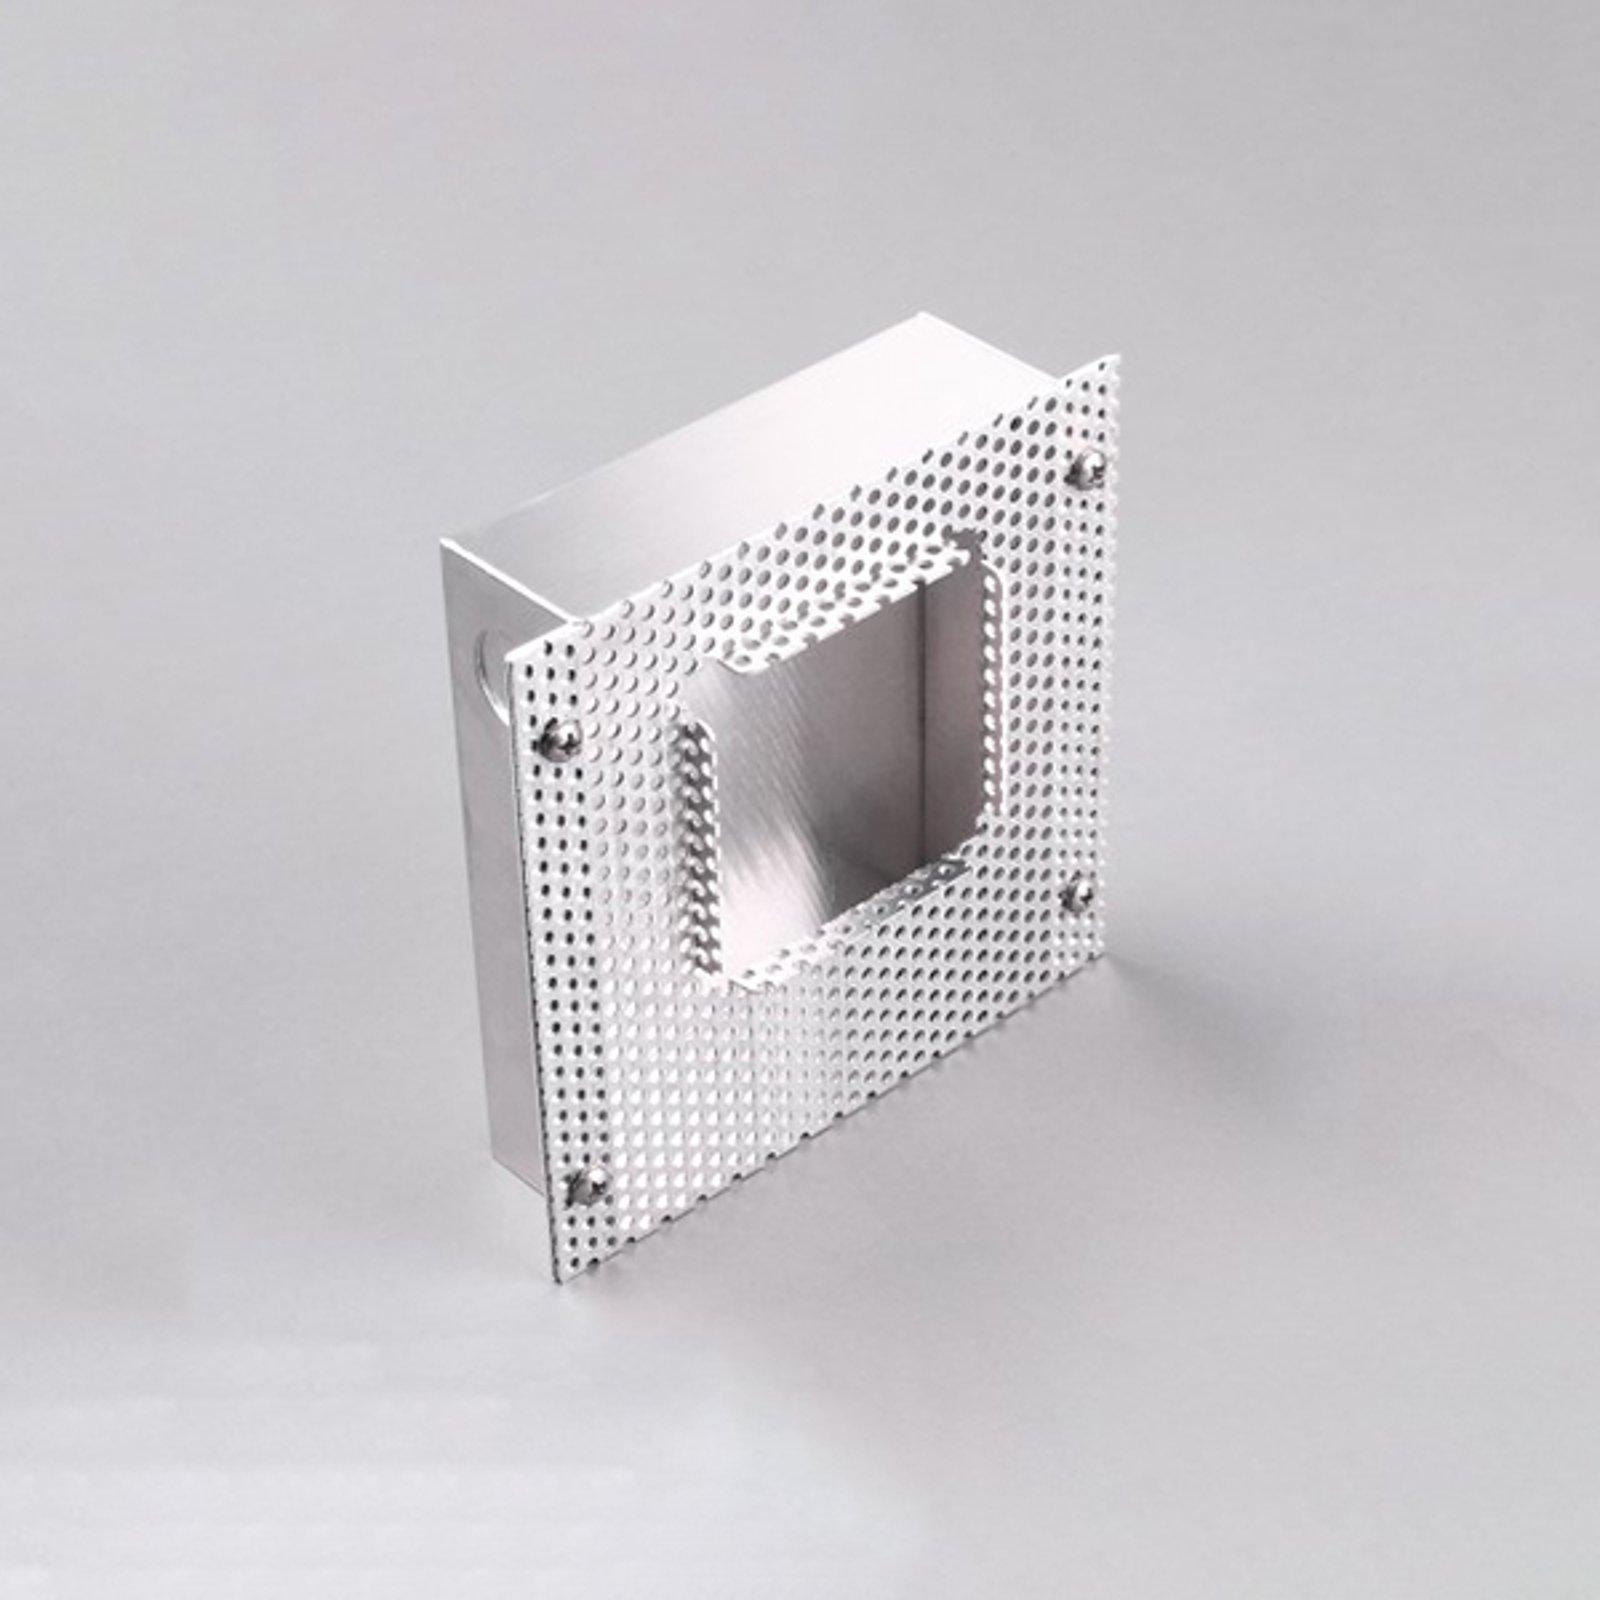 Monteringsboks til LED-innfellingslampe Window/Pan